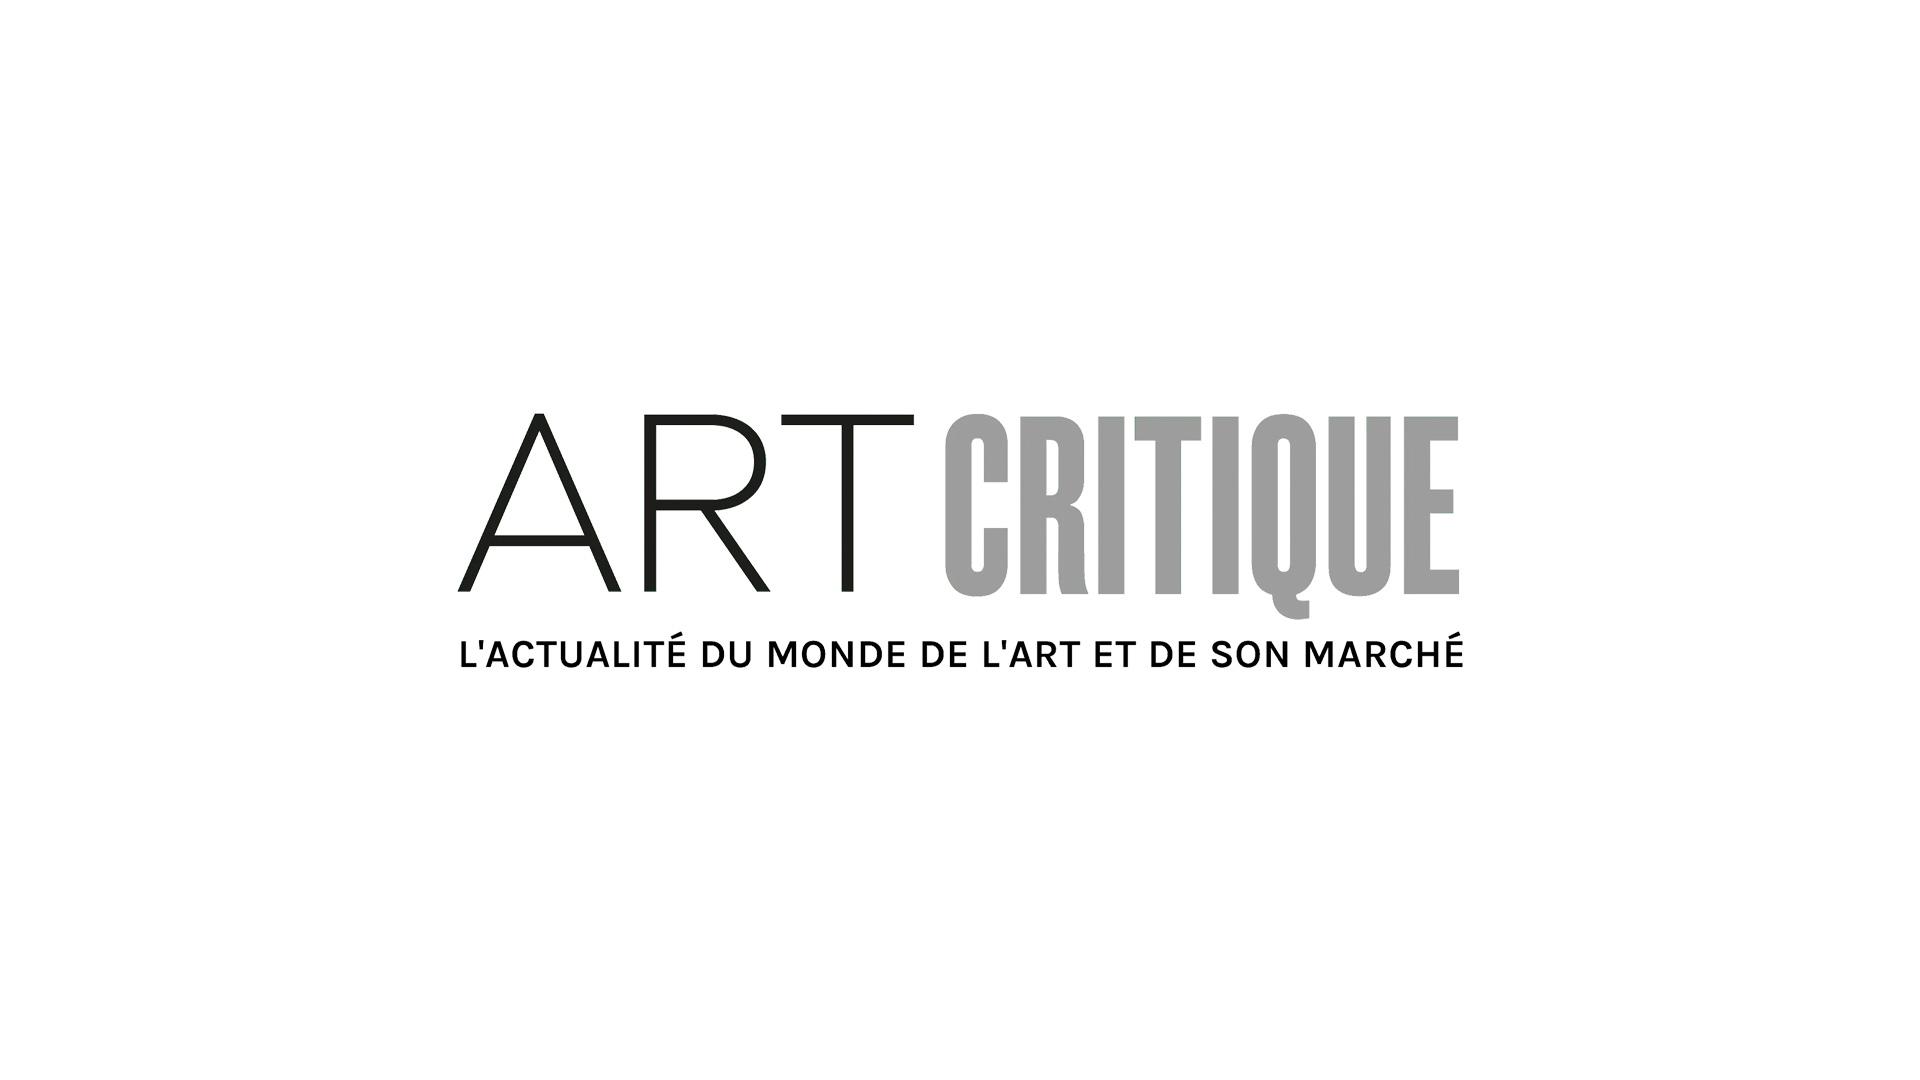 Un artiste en pointe à Brest